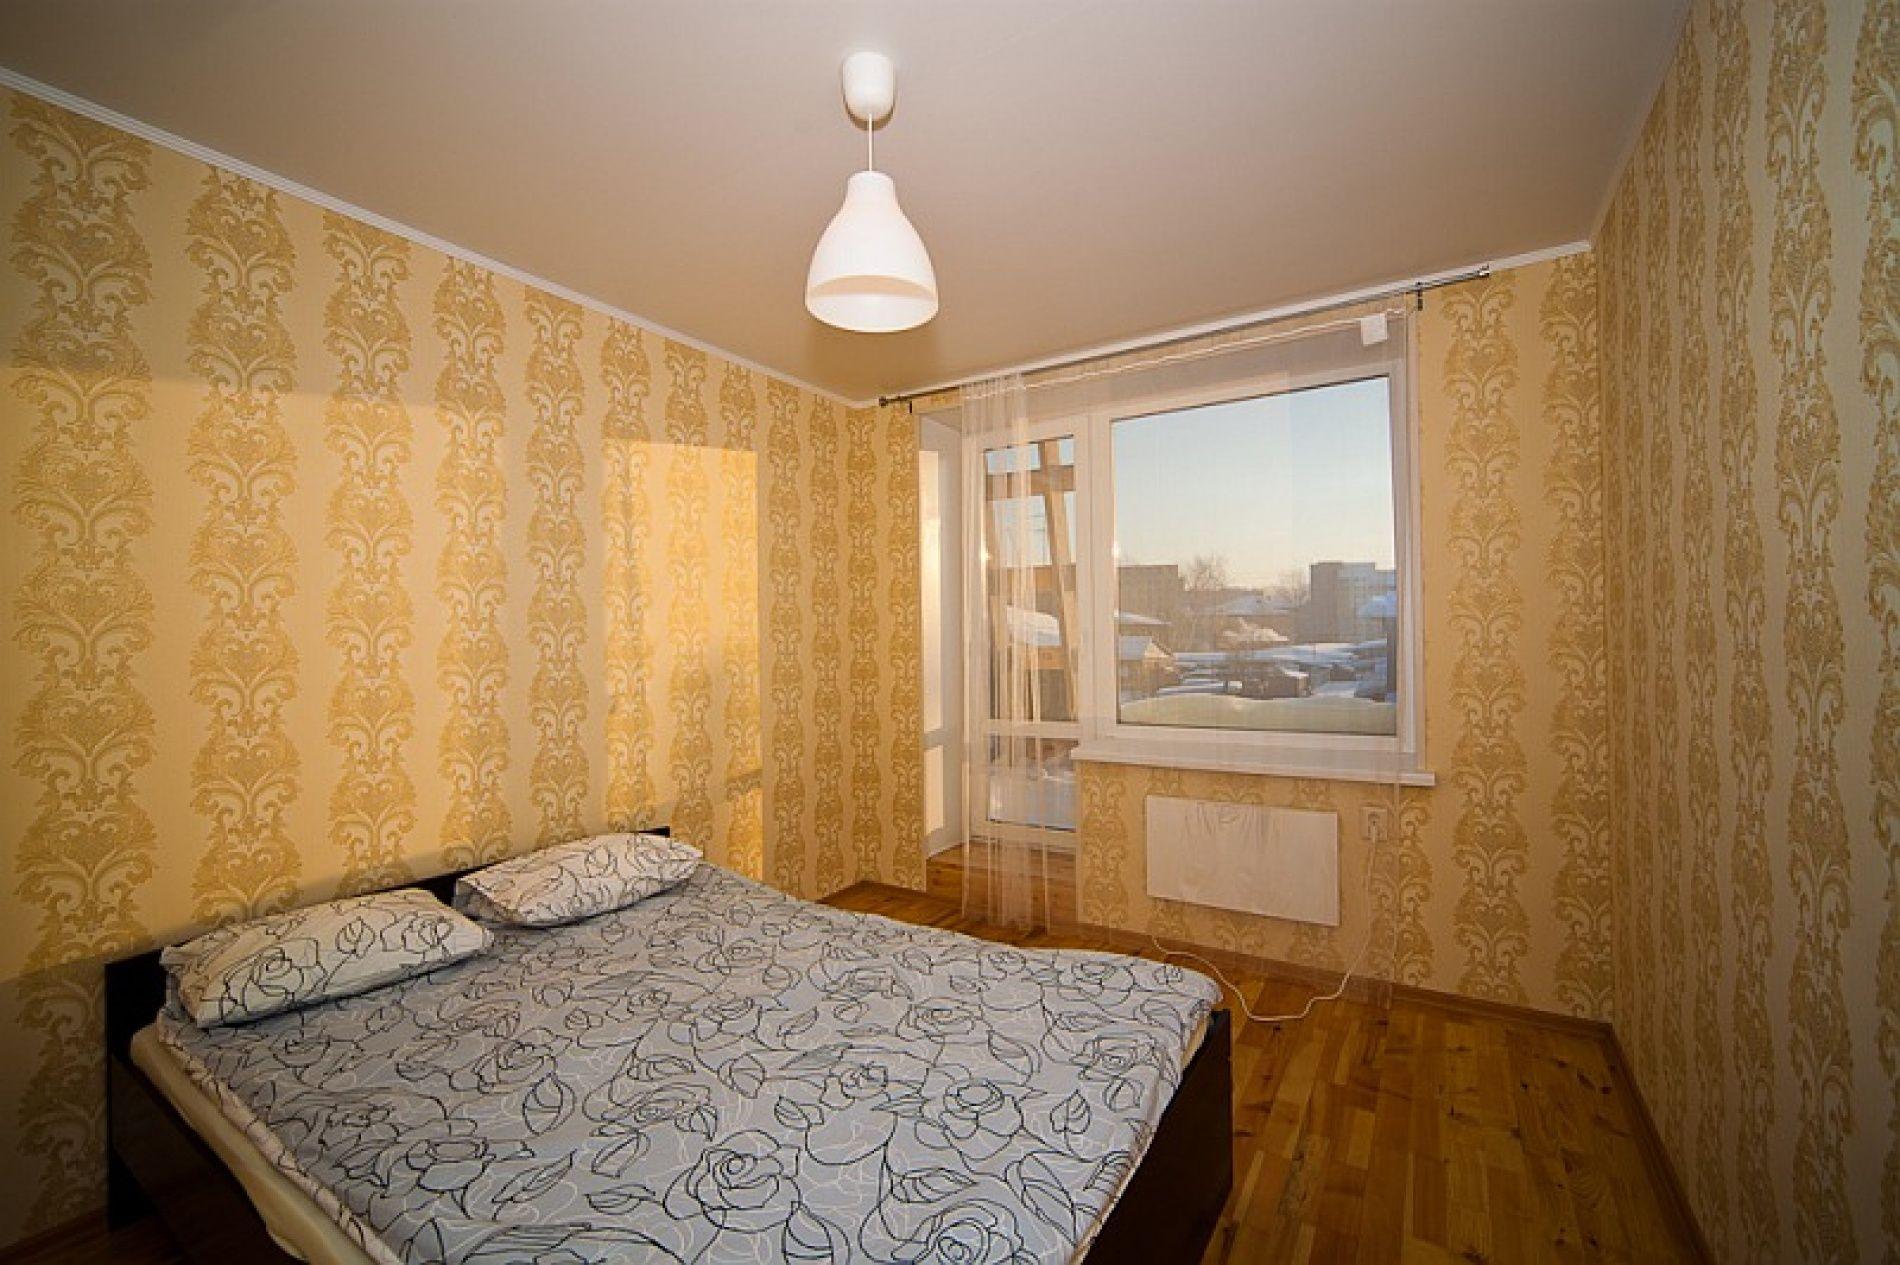 Коттеджный комплекс «Ширли-мырли» Томская область Номер в коттедже № 1, фото 5